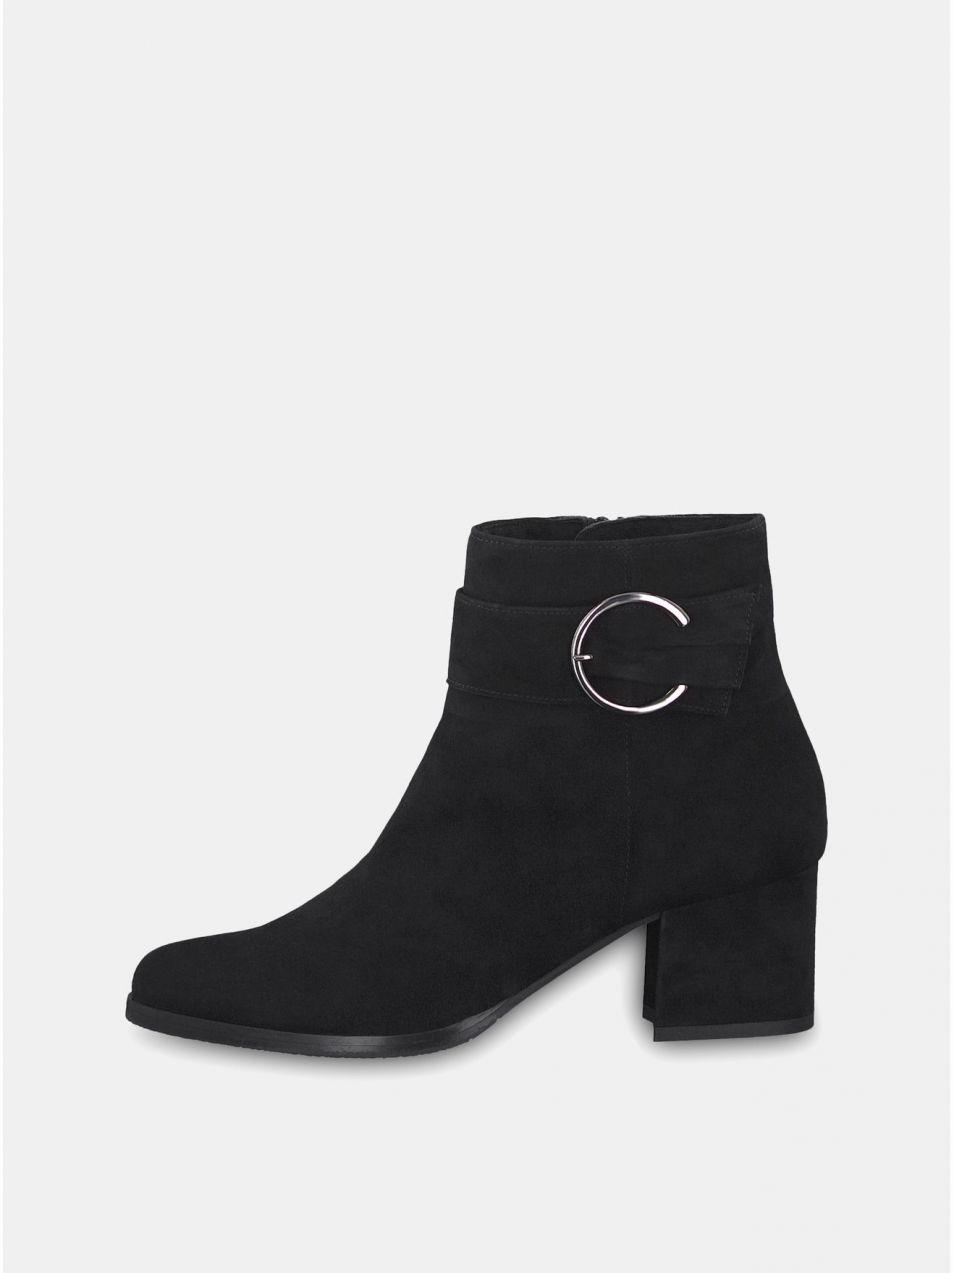 121e9ed4268c Čierne semišové členkové topánky na podpätku s ozdobnou prackou Tamaris  značky Tamaris - Lovely.sk